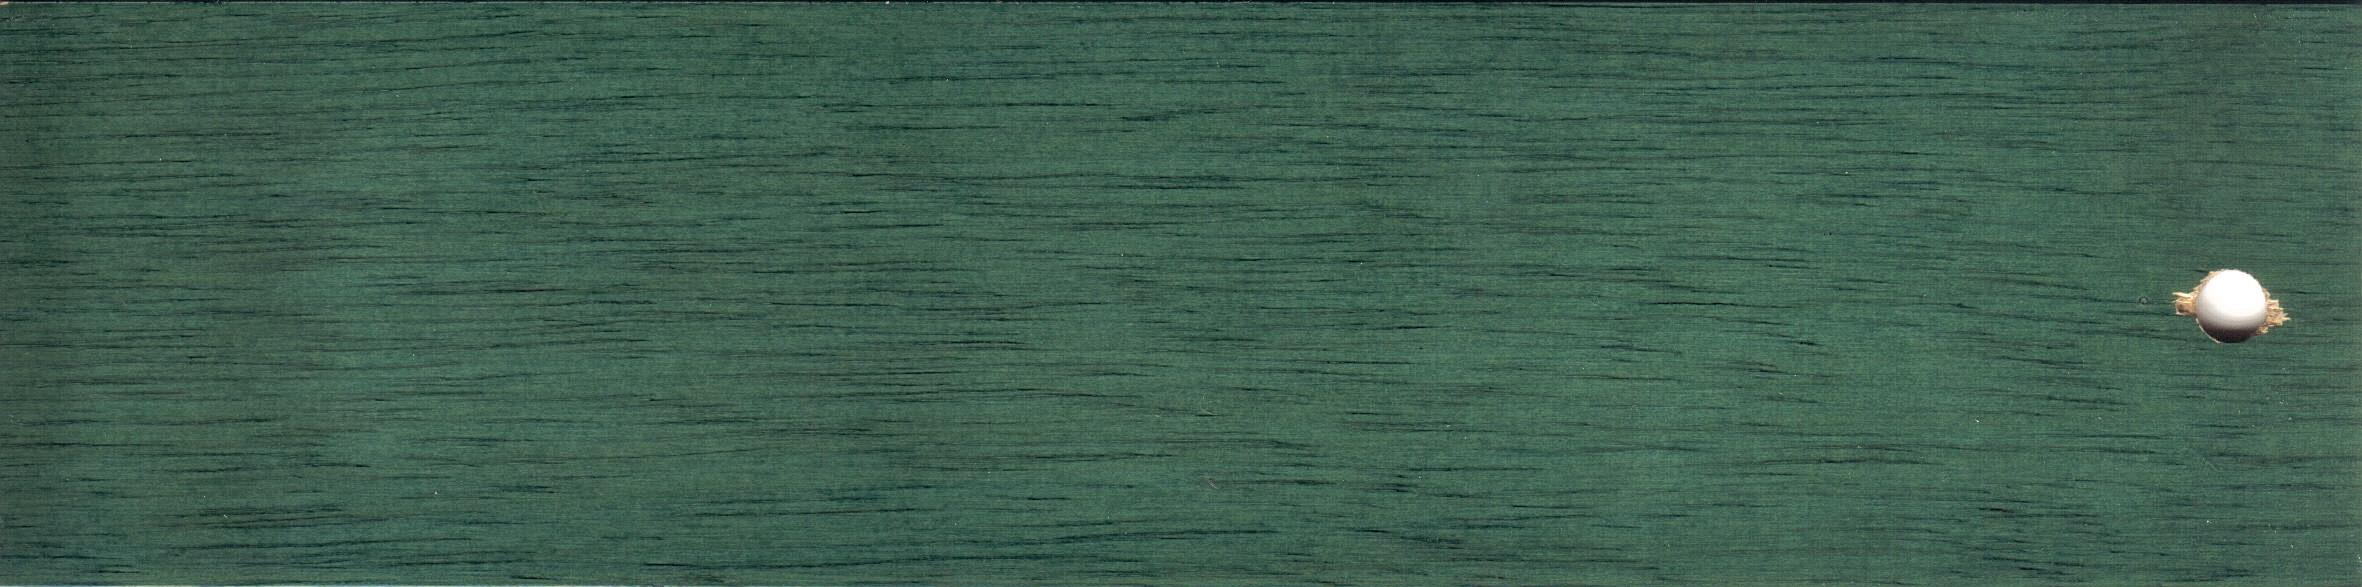 1307 50 mm ŻALUZJE DREWNIANE (żaluzje bambusowe)